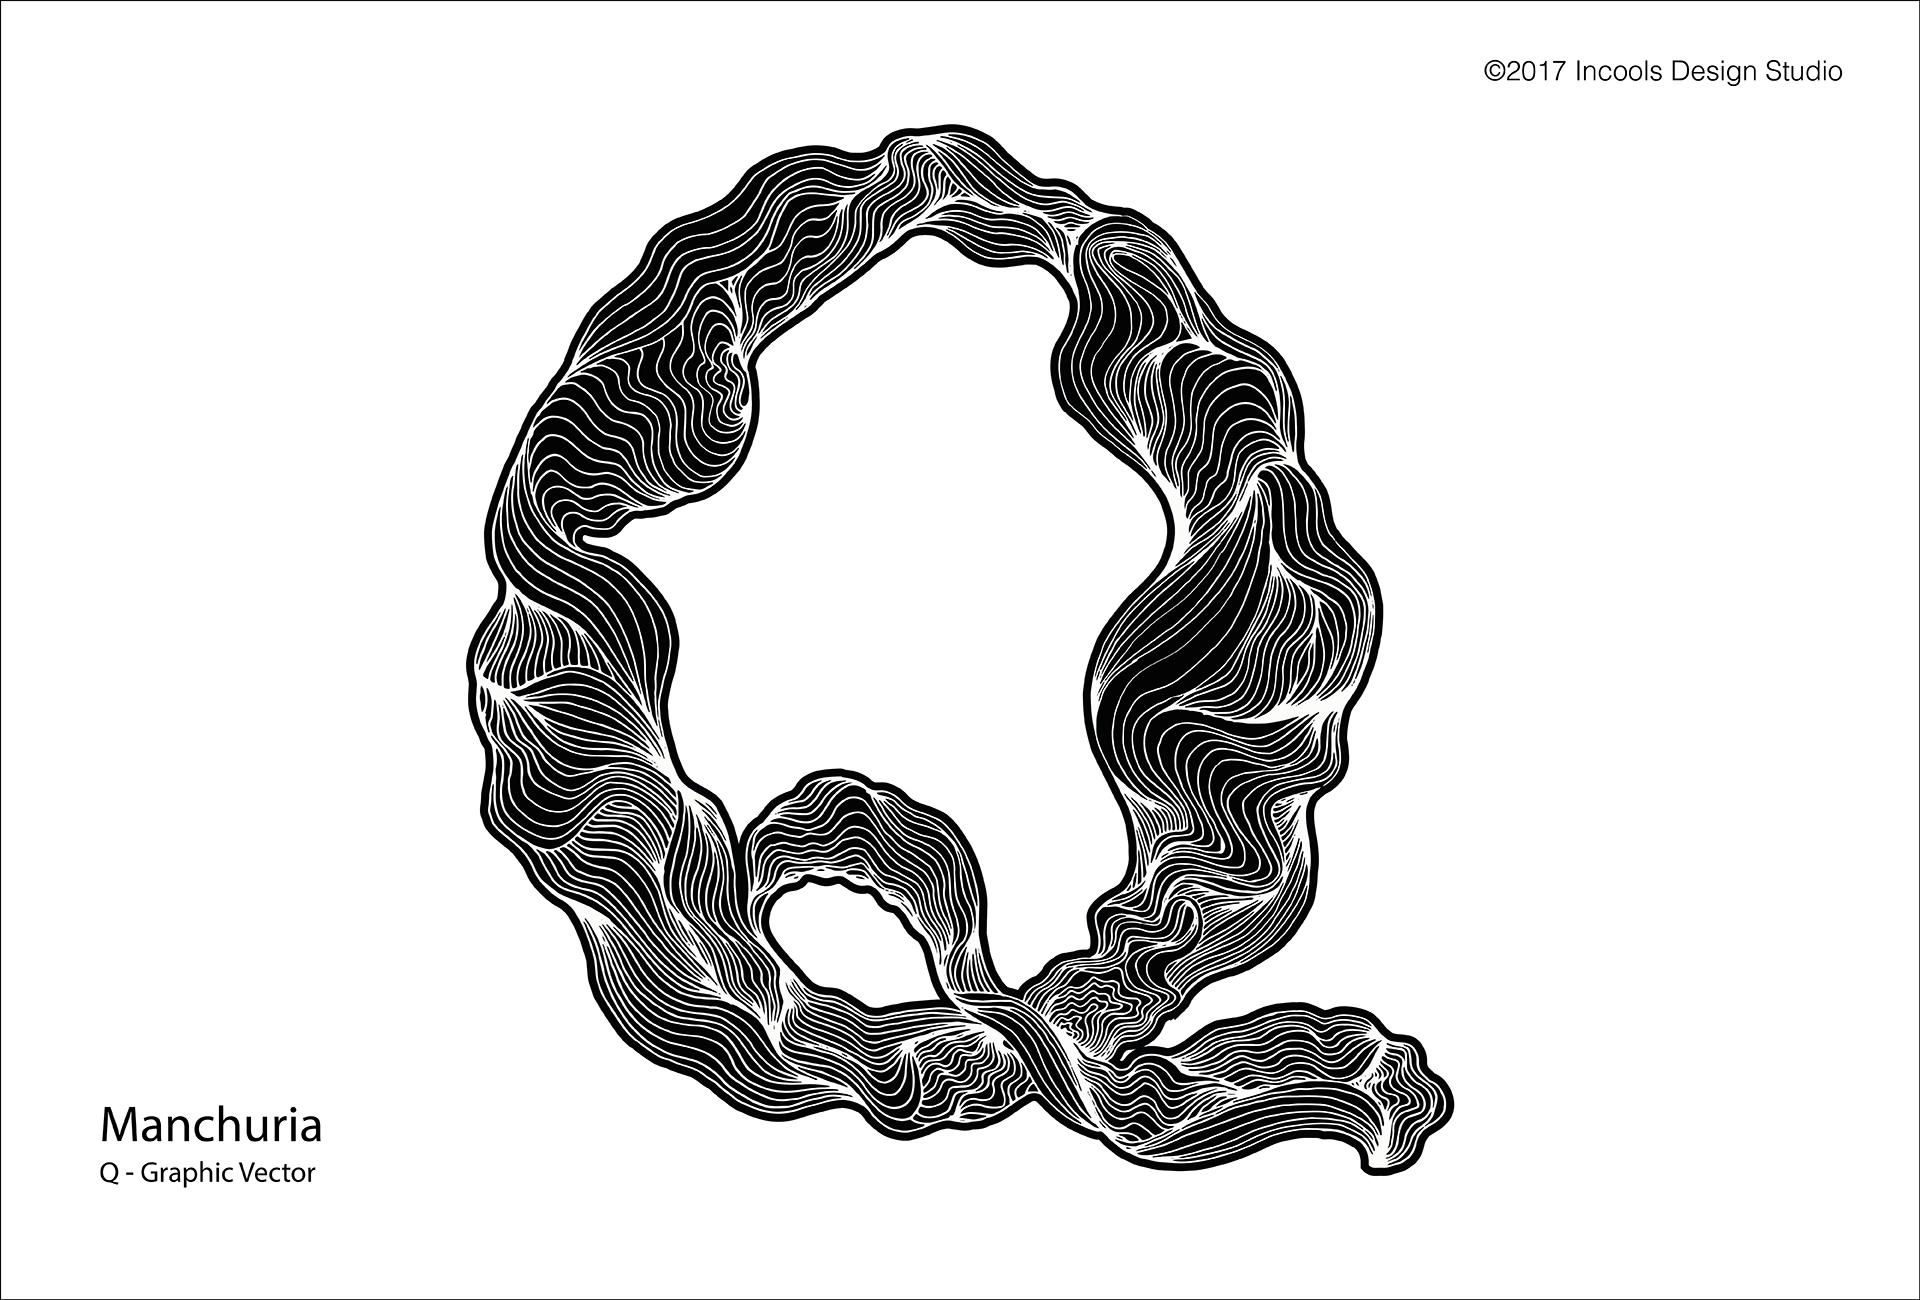 Manchuria, A-Z Unique Graphic Letter example image 1